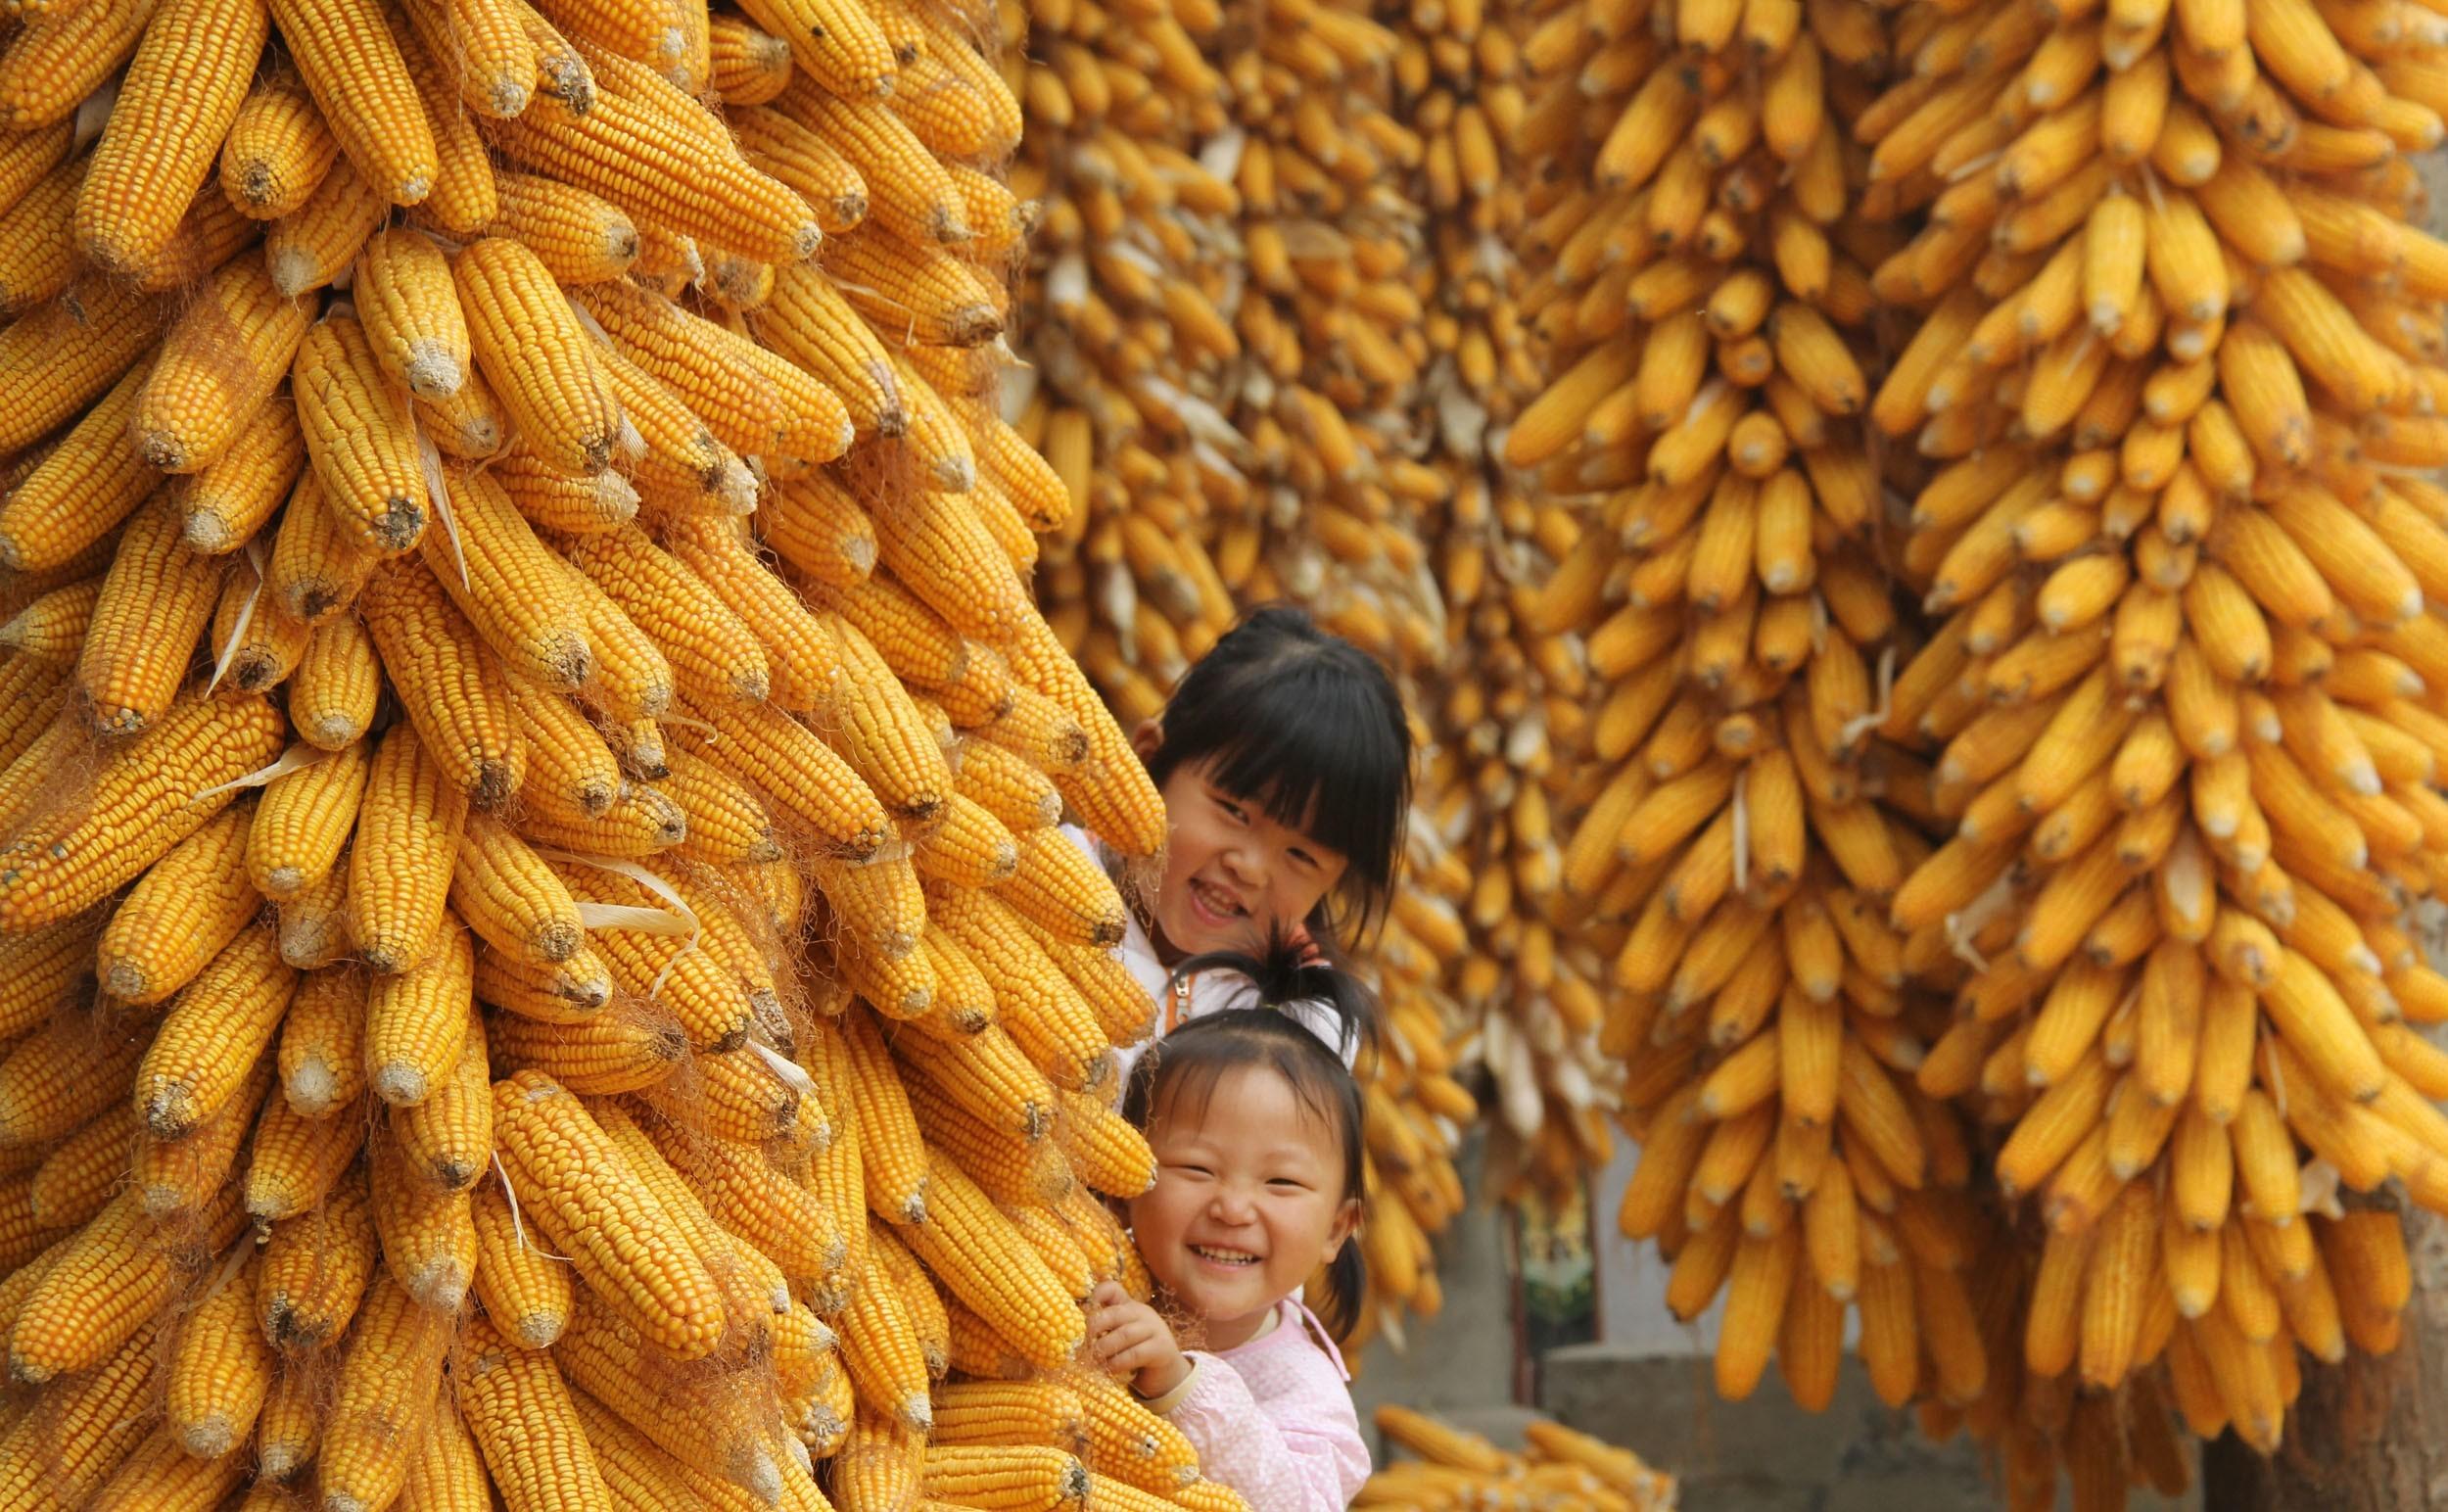 玉米价格理性回归!未来涨跌仍看拍卖?